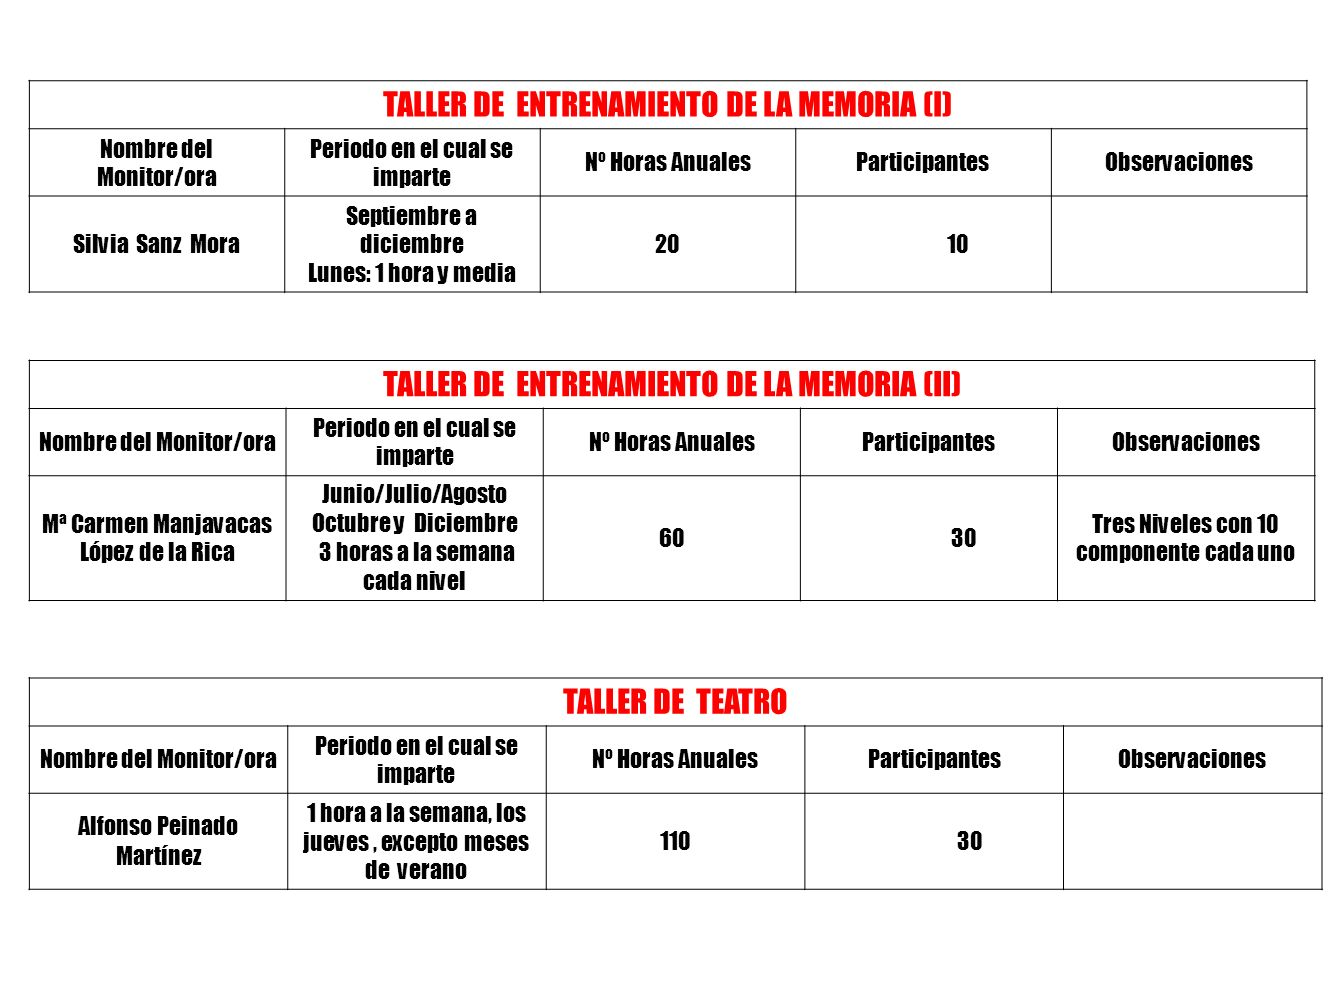 TALLER DE ENTRENAMIENTO DE LA MEMORIA (I)